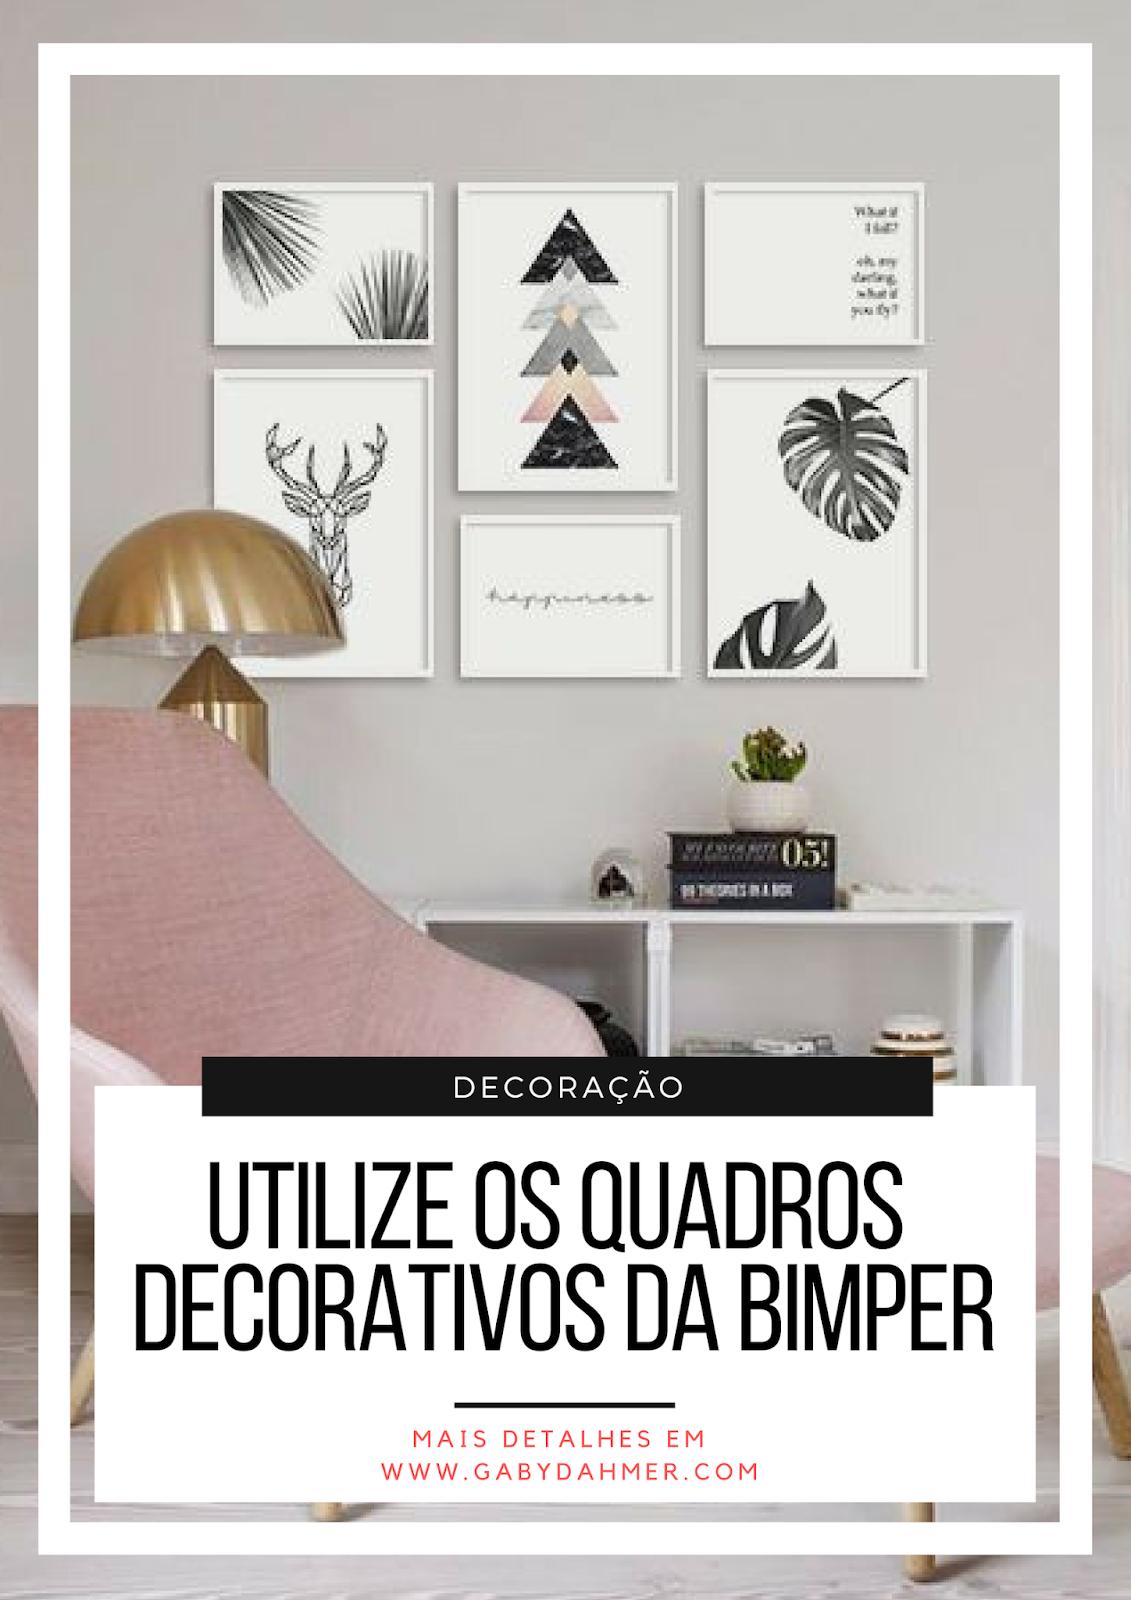 Quadros decorativos é na Bimper: